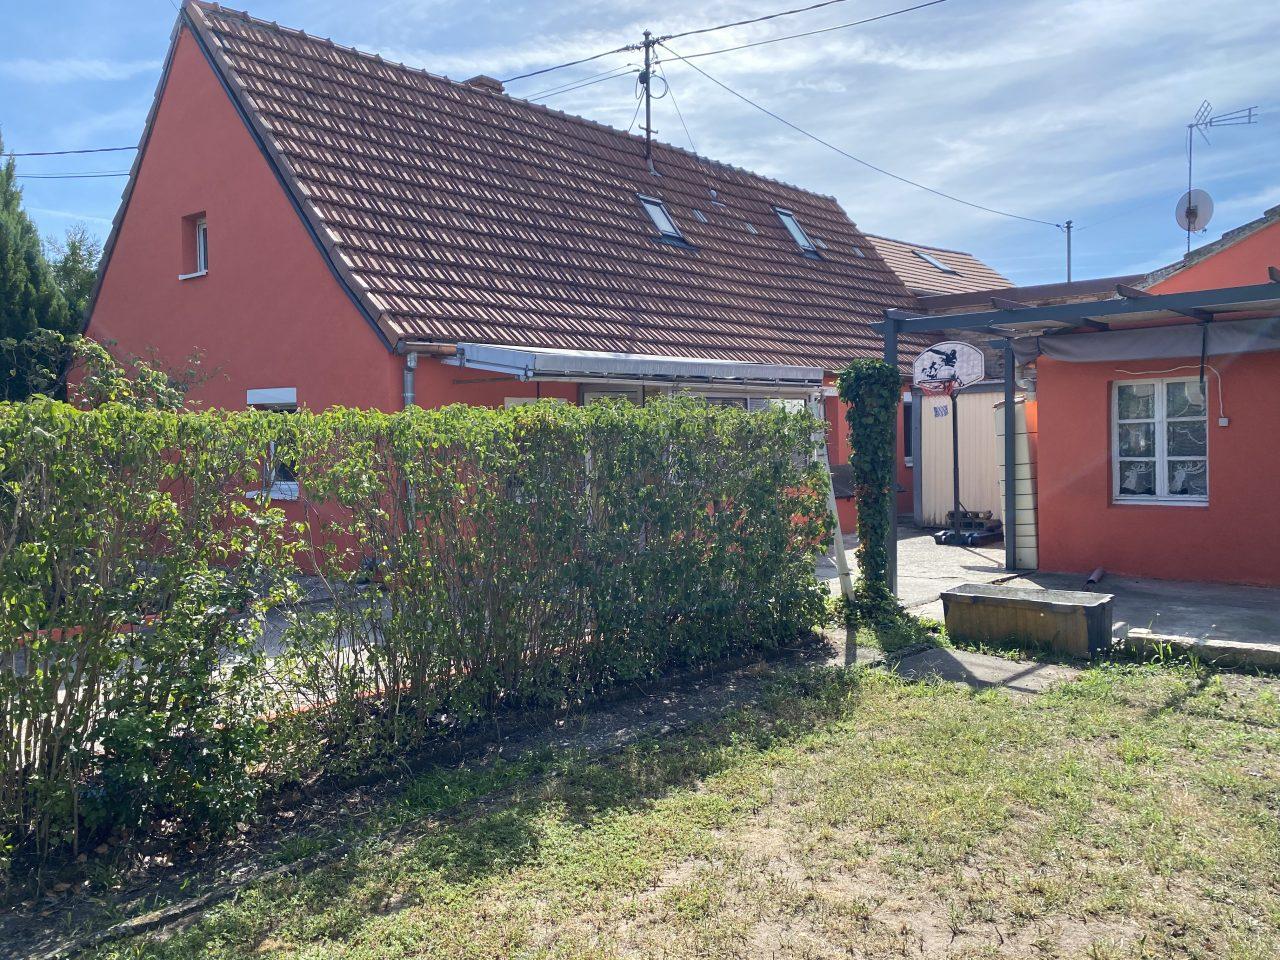 Haguenau, maison 93m2 sur 3,16 ares au calme. Vidéo disponible